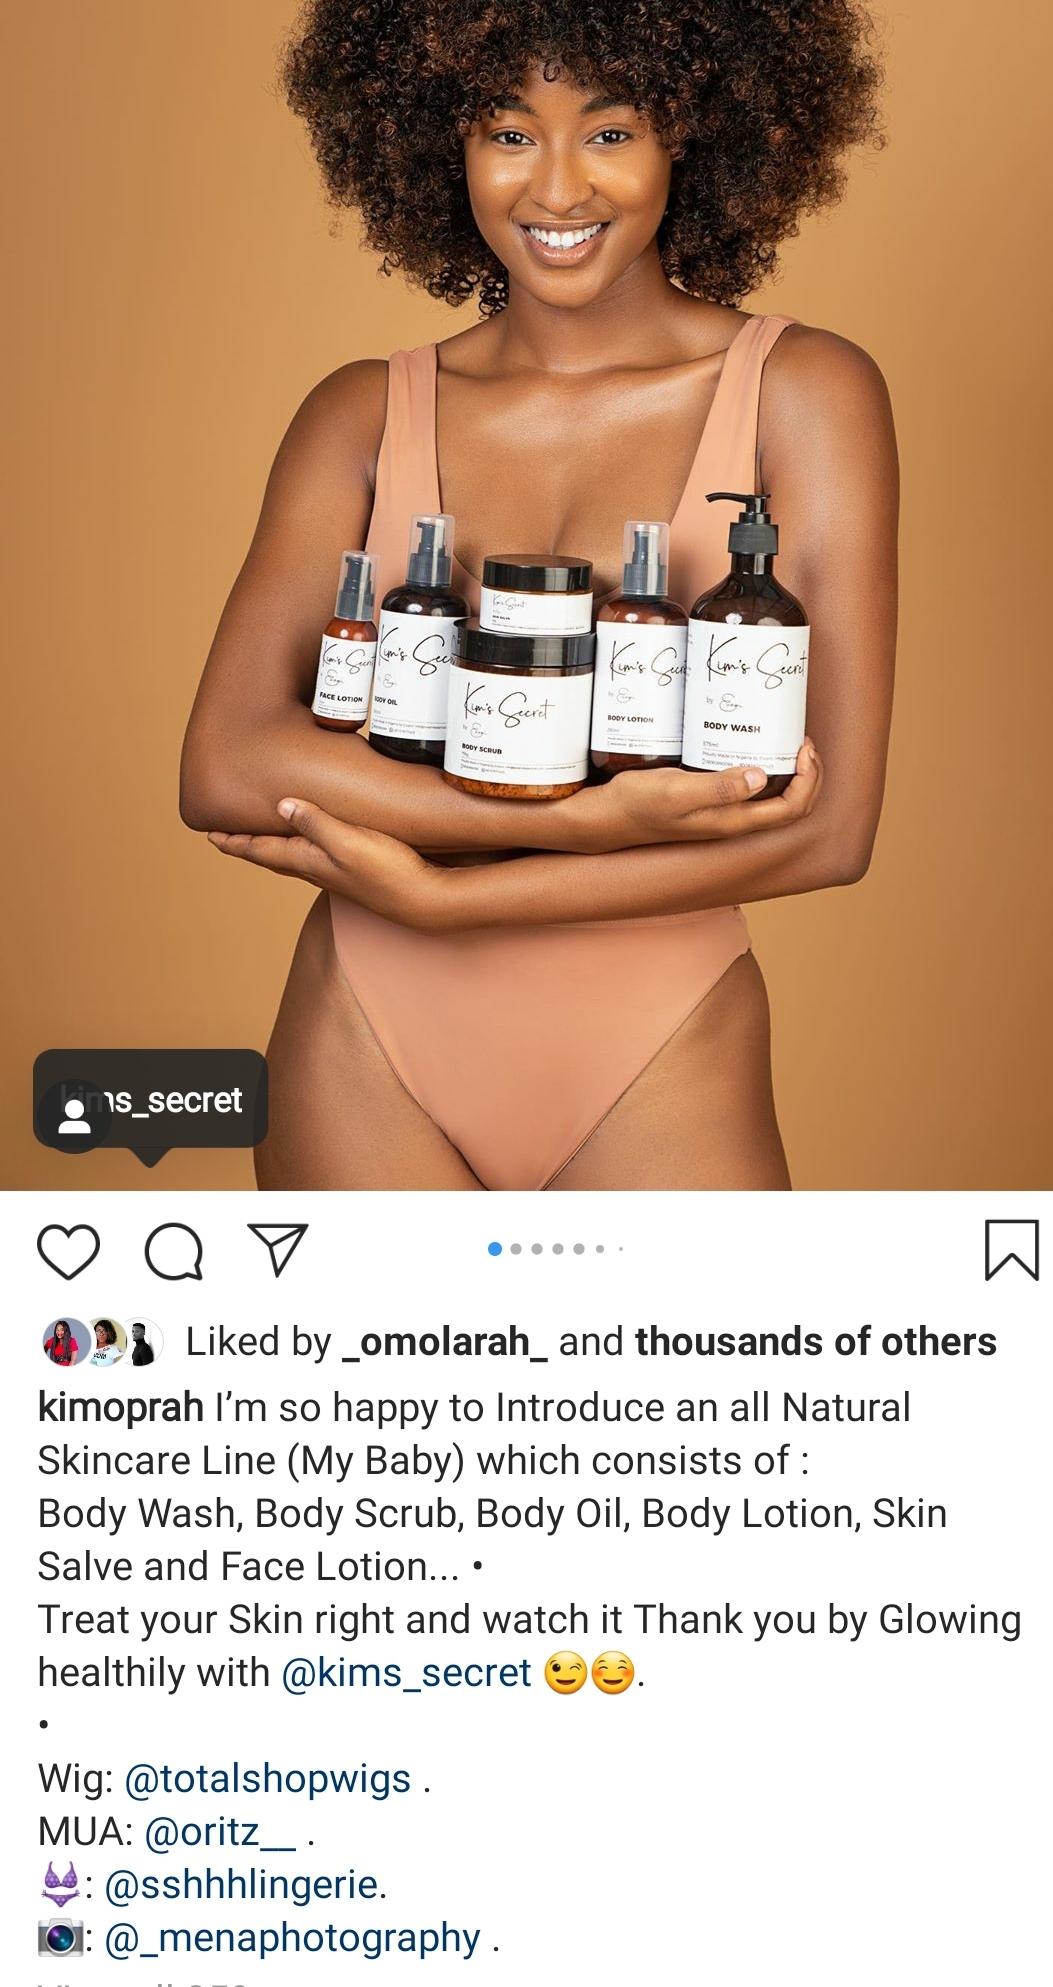 Kimoprah